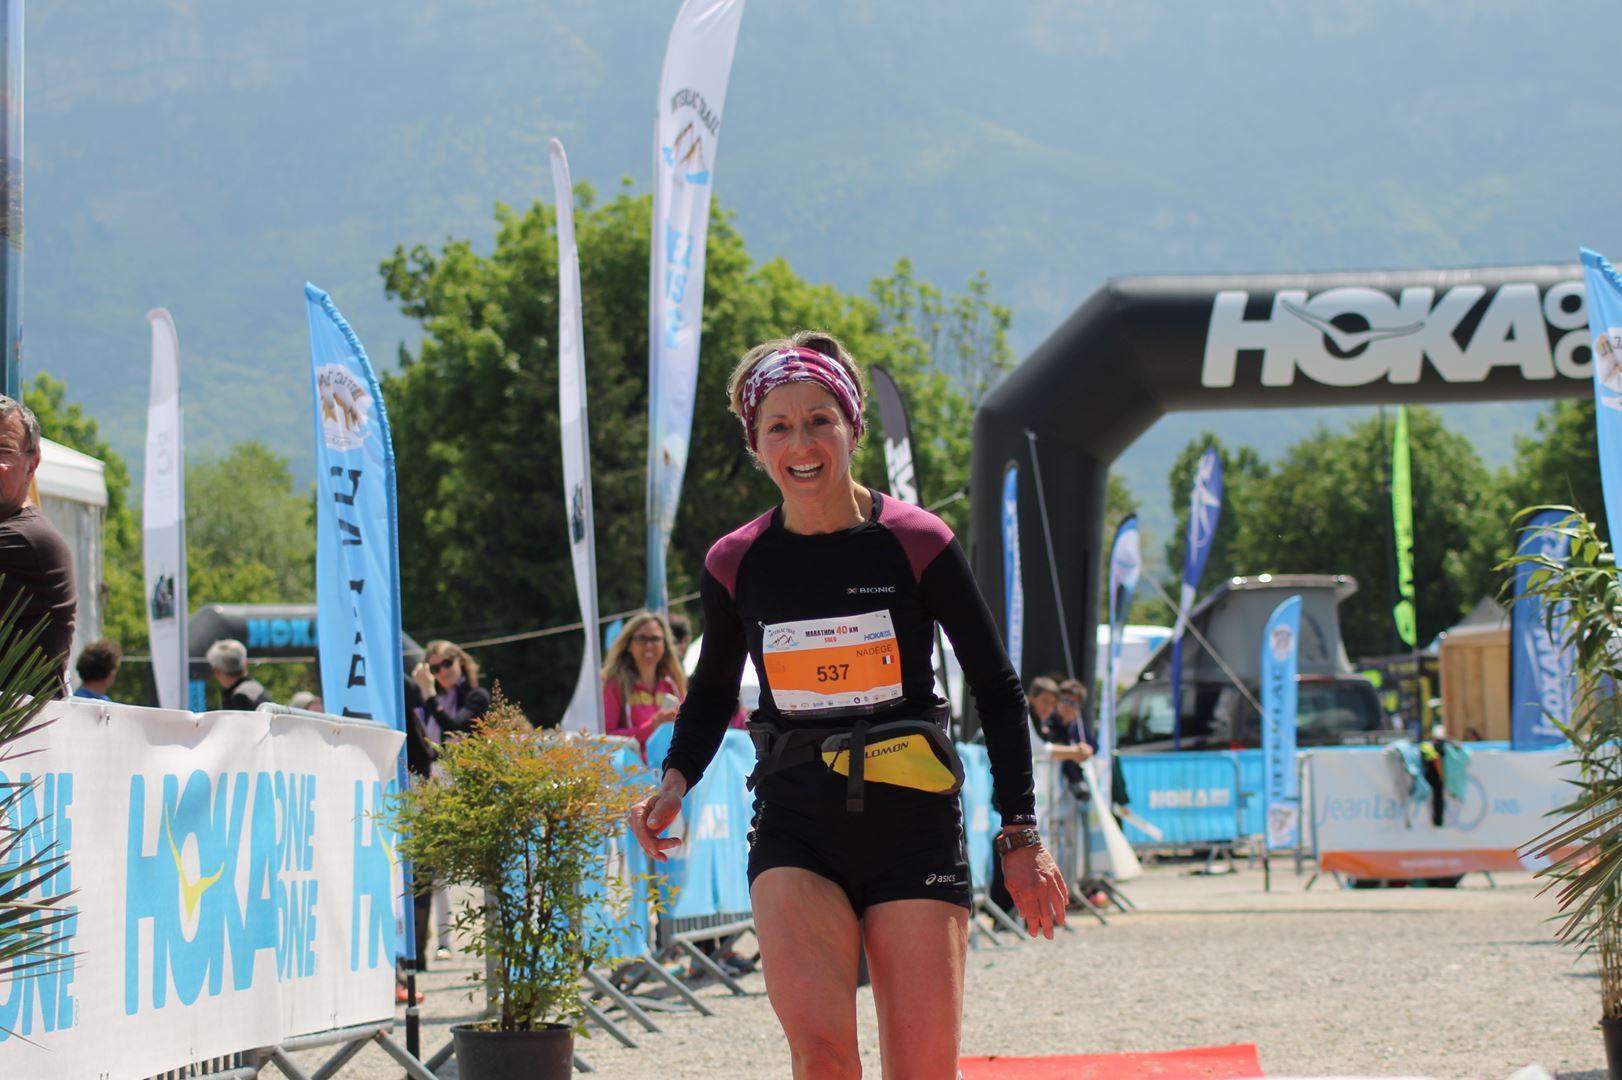 _Arrivée de Nadège Cavagna 1ère femme sur le 42km